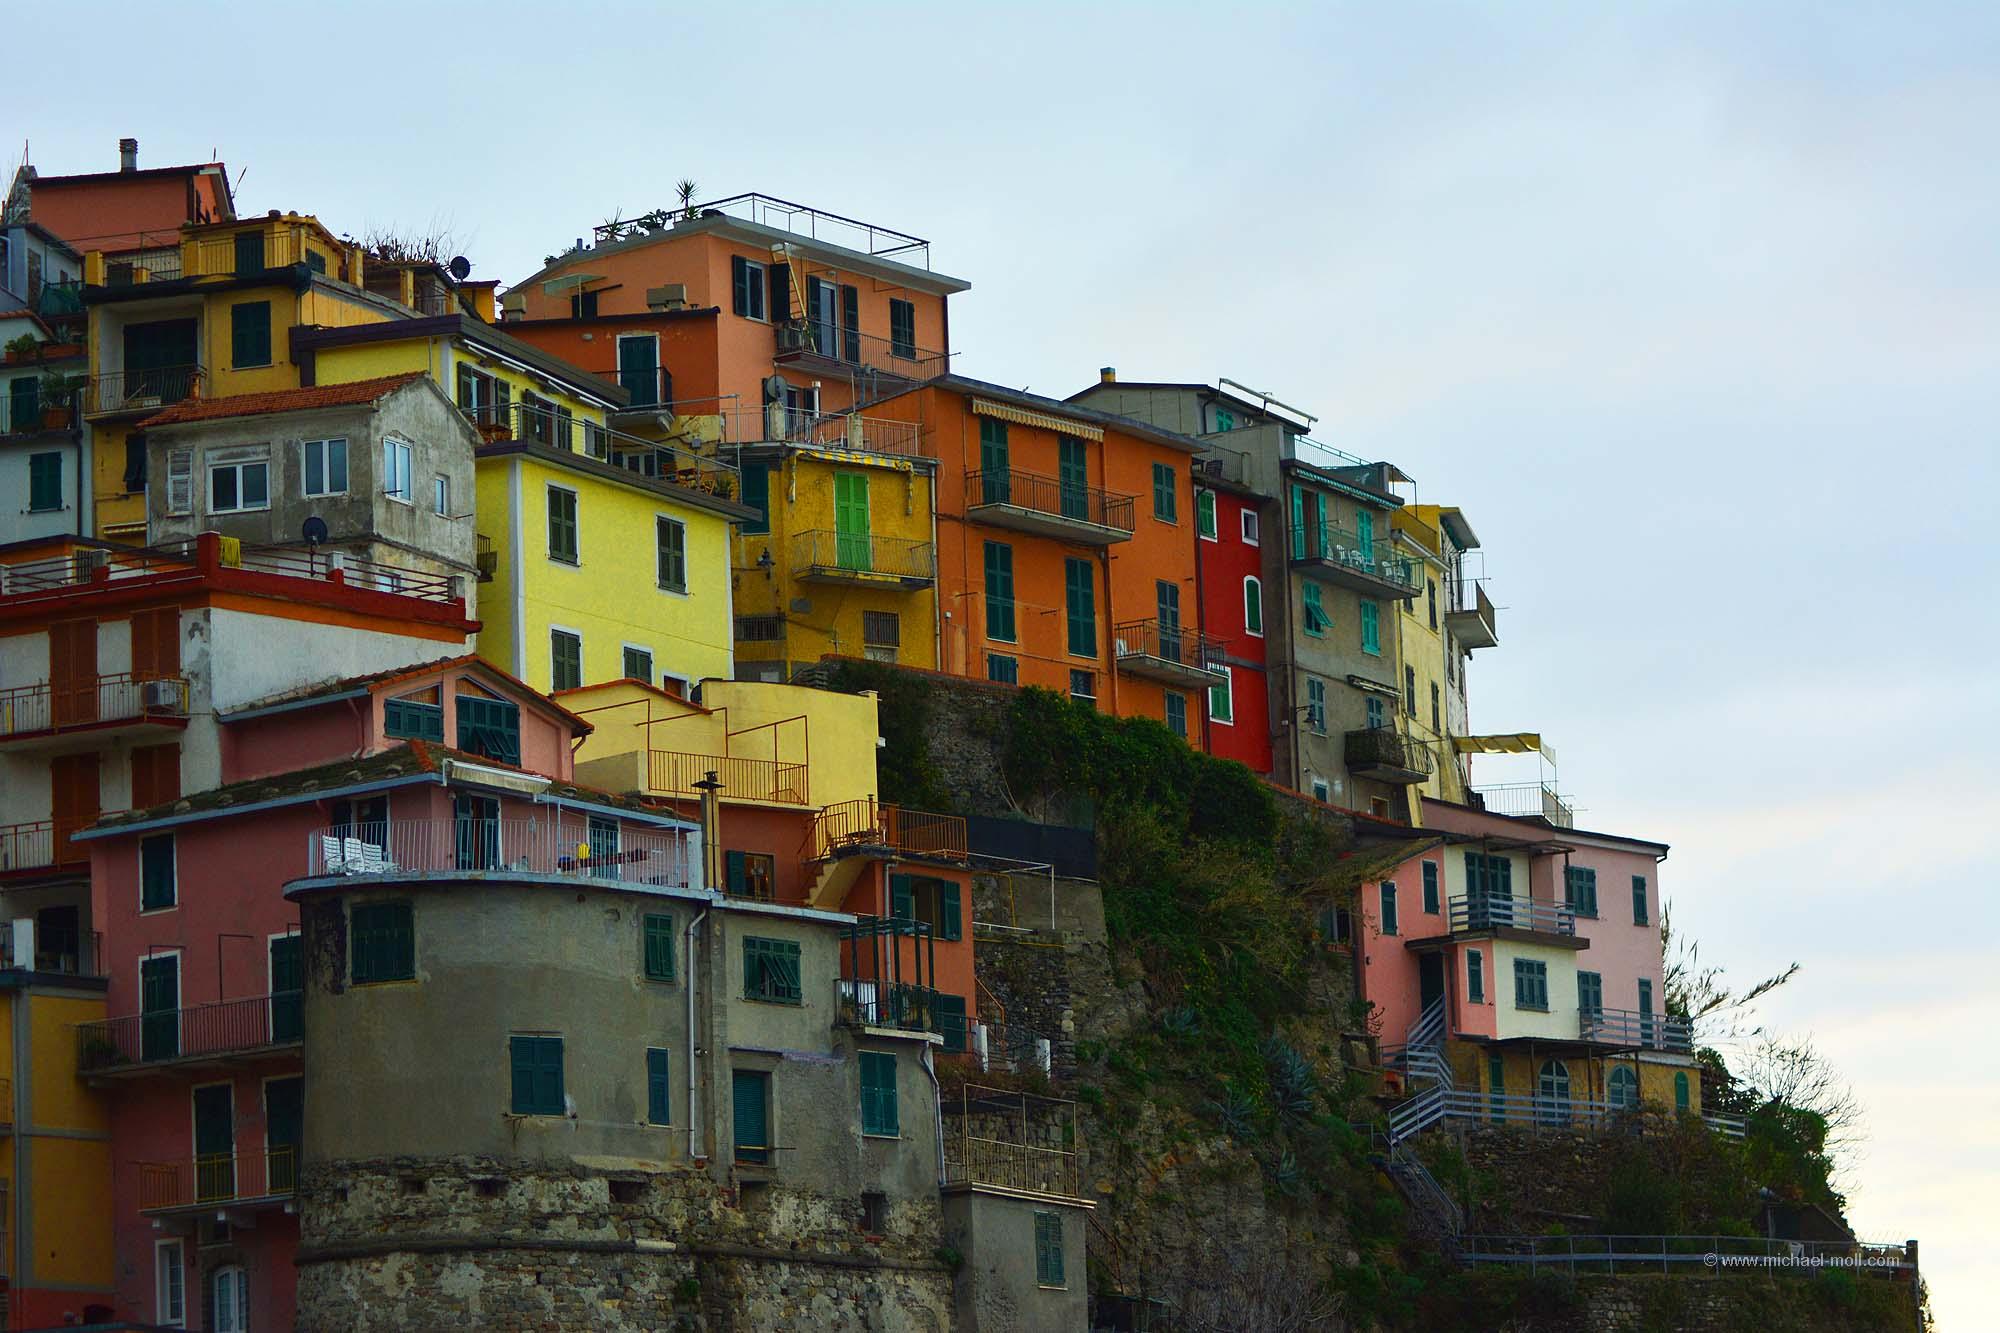 Bunte Häuser auf dem Fels